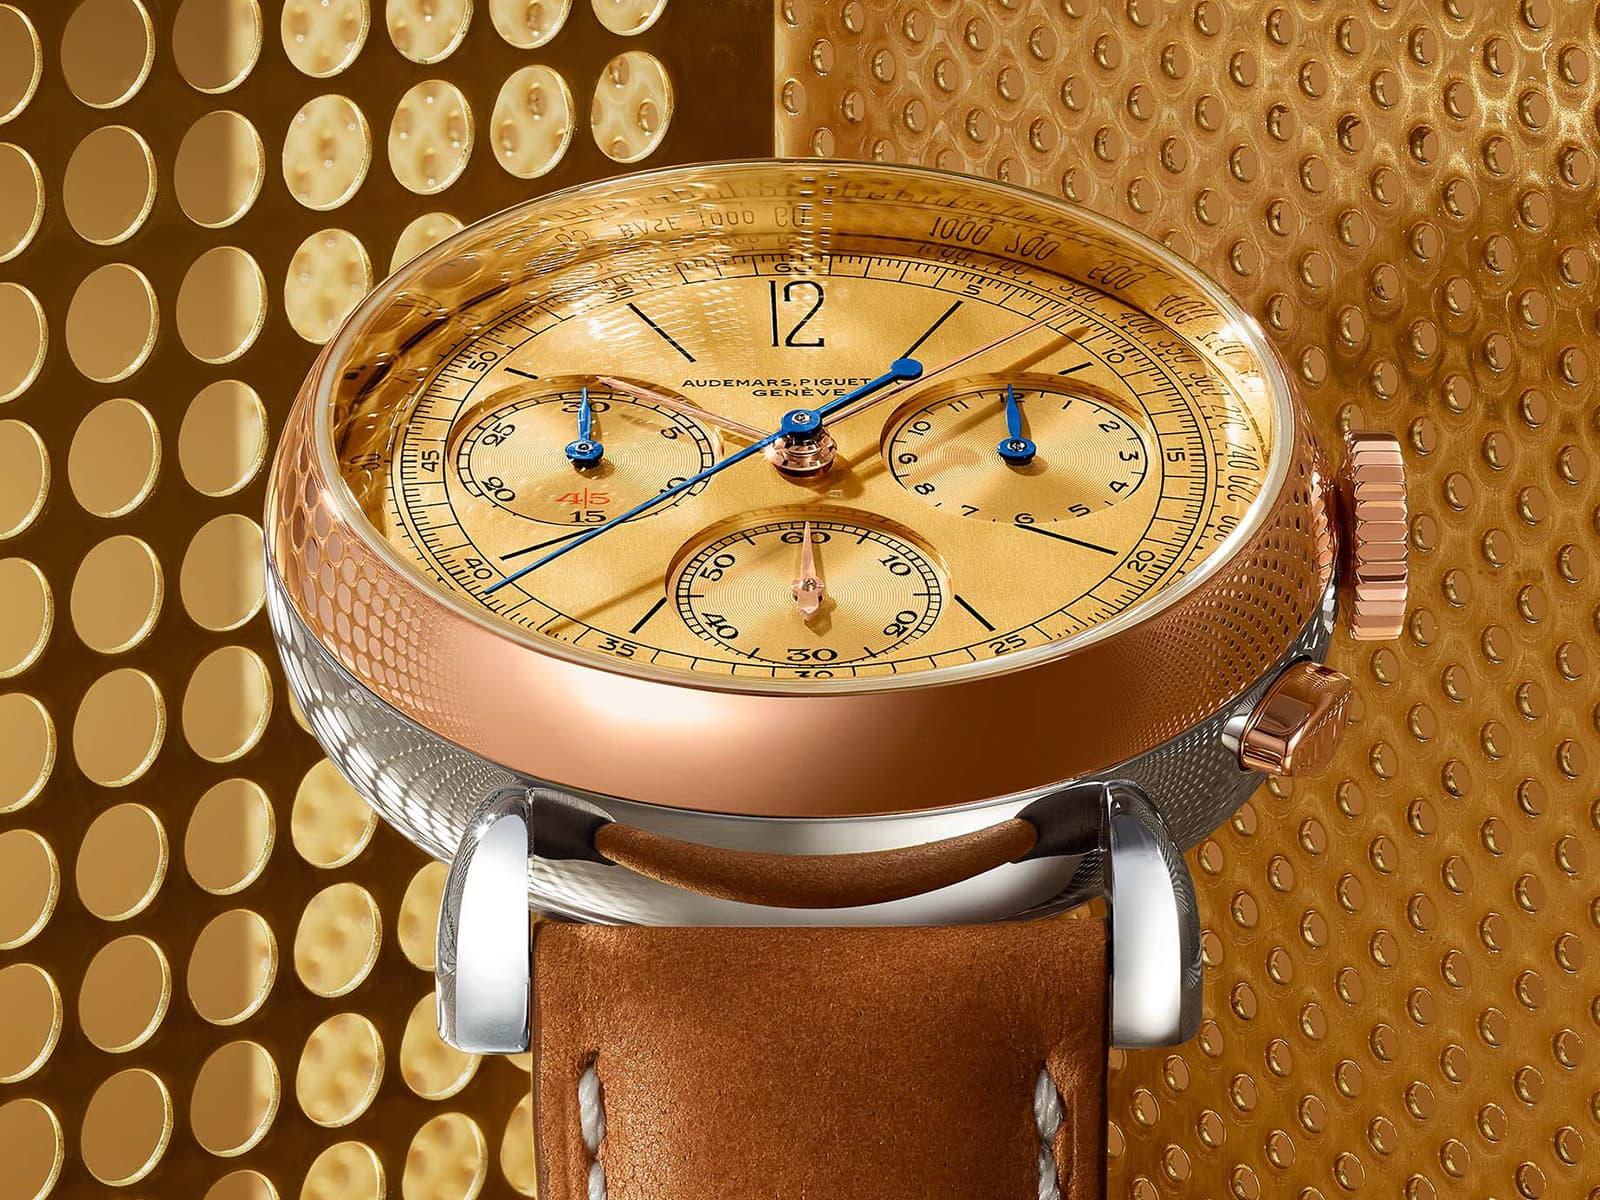 26595sr-oo-a032ve-01-audemars-piguet-remaster01-chronograph-3.jpg